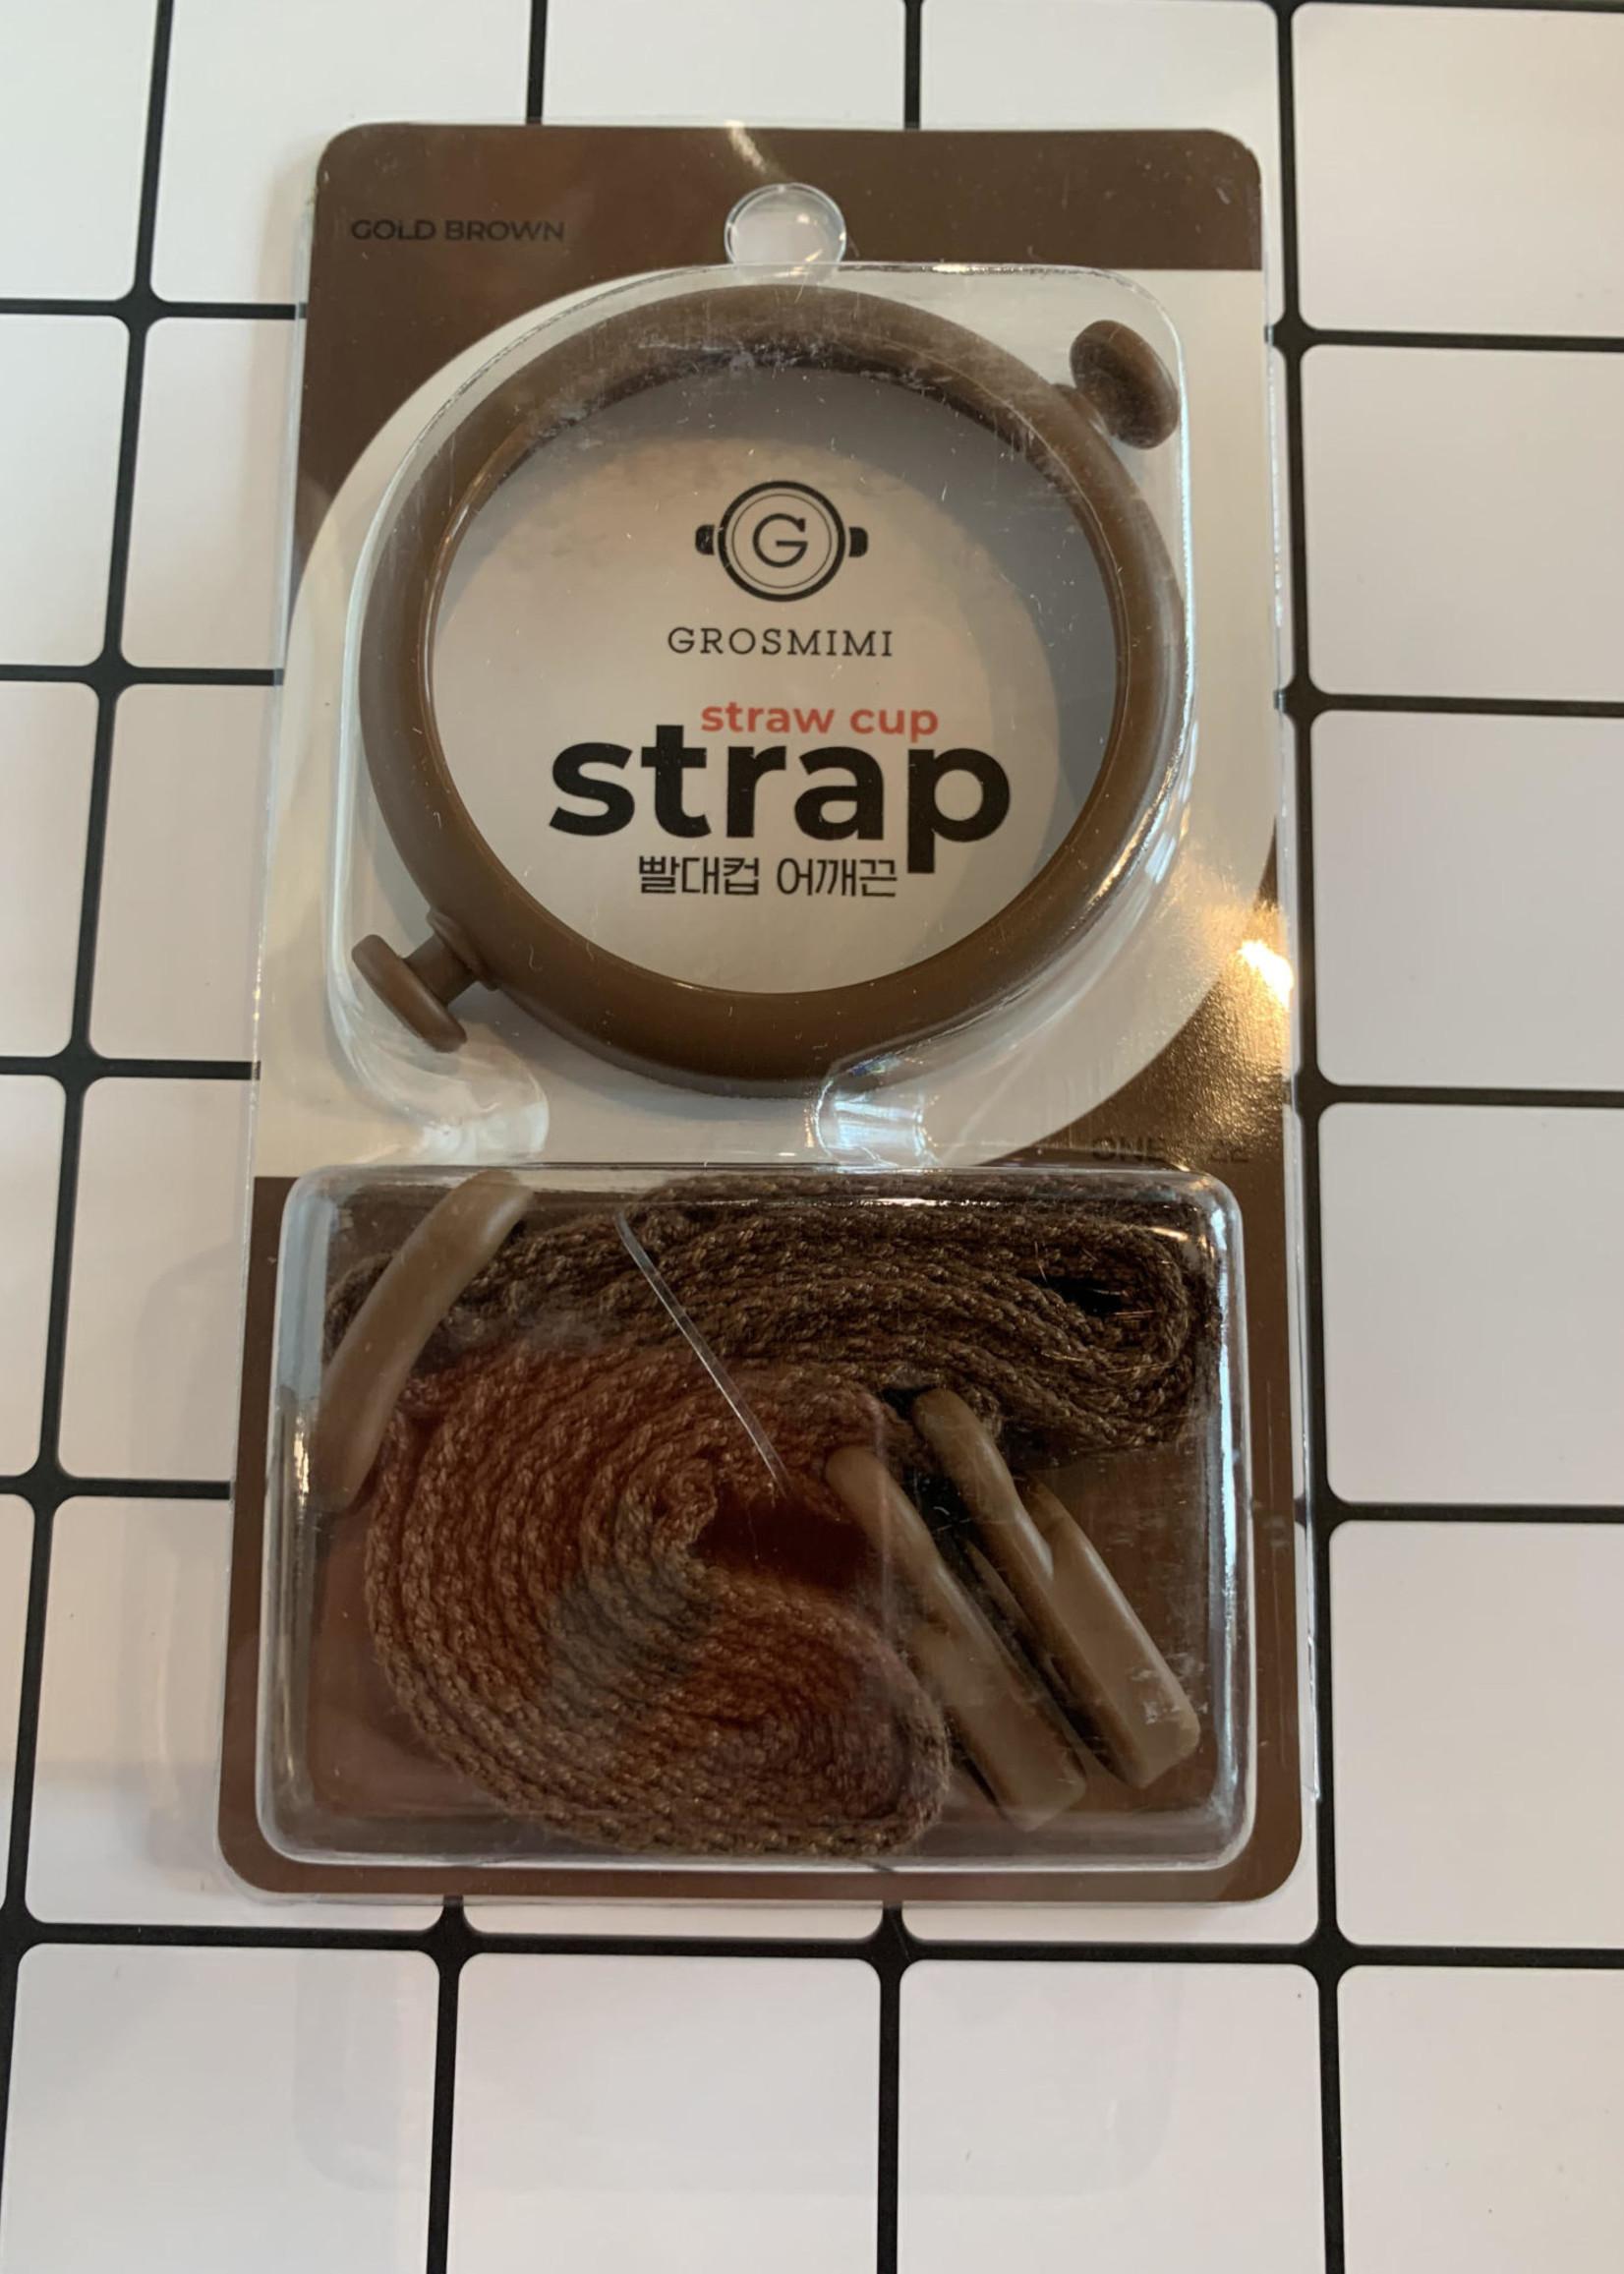 Grosmimi Grosmimi Straw Cup Strap (Gold Brown)